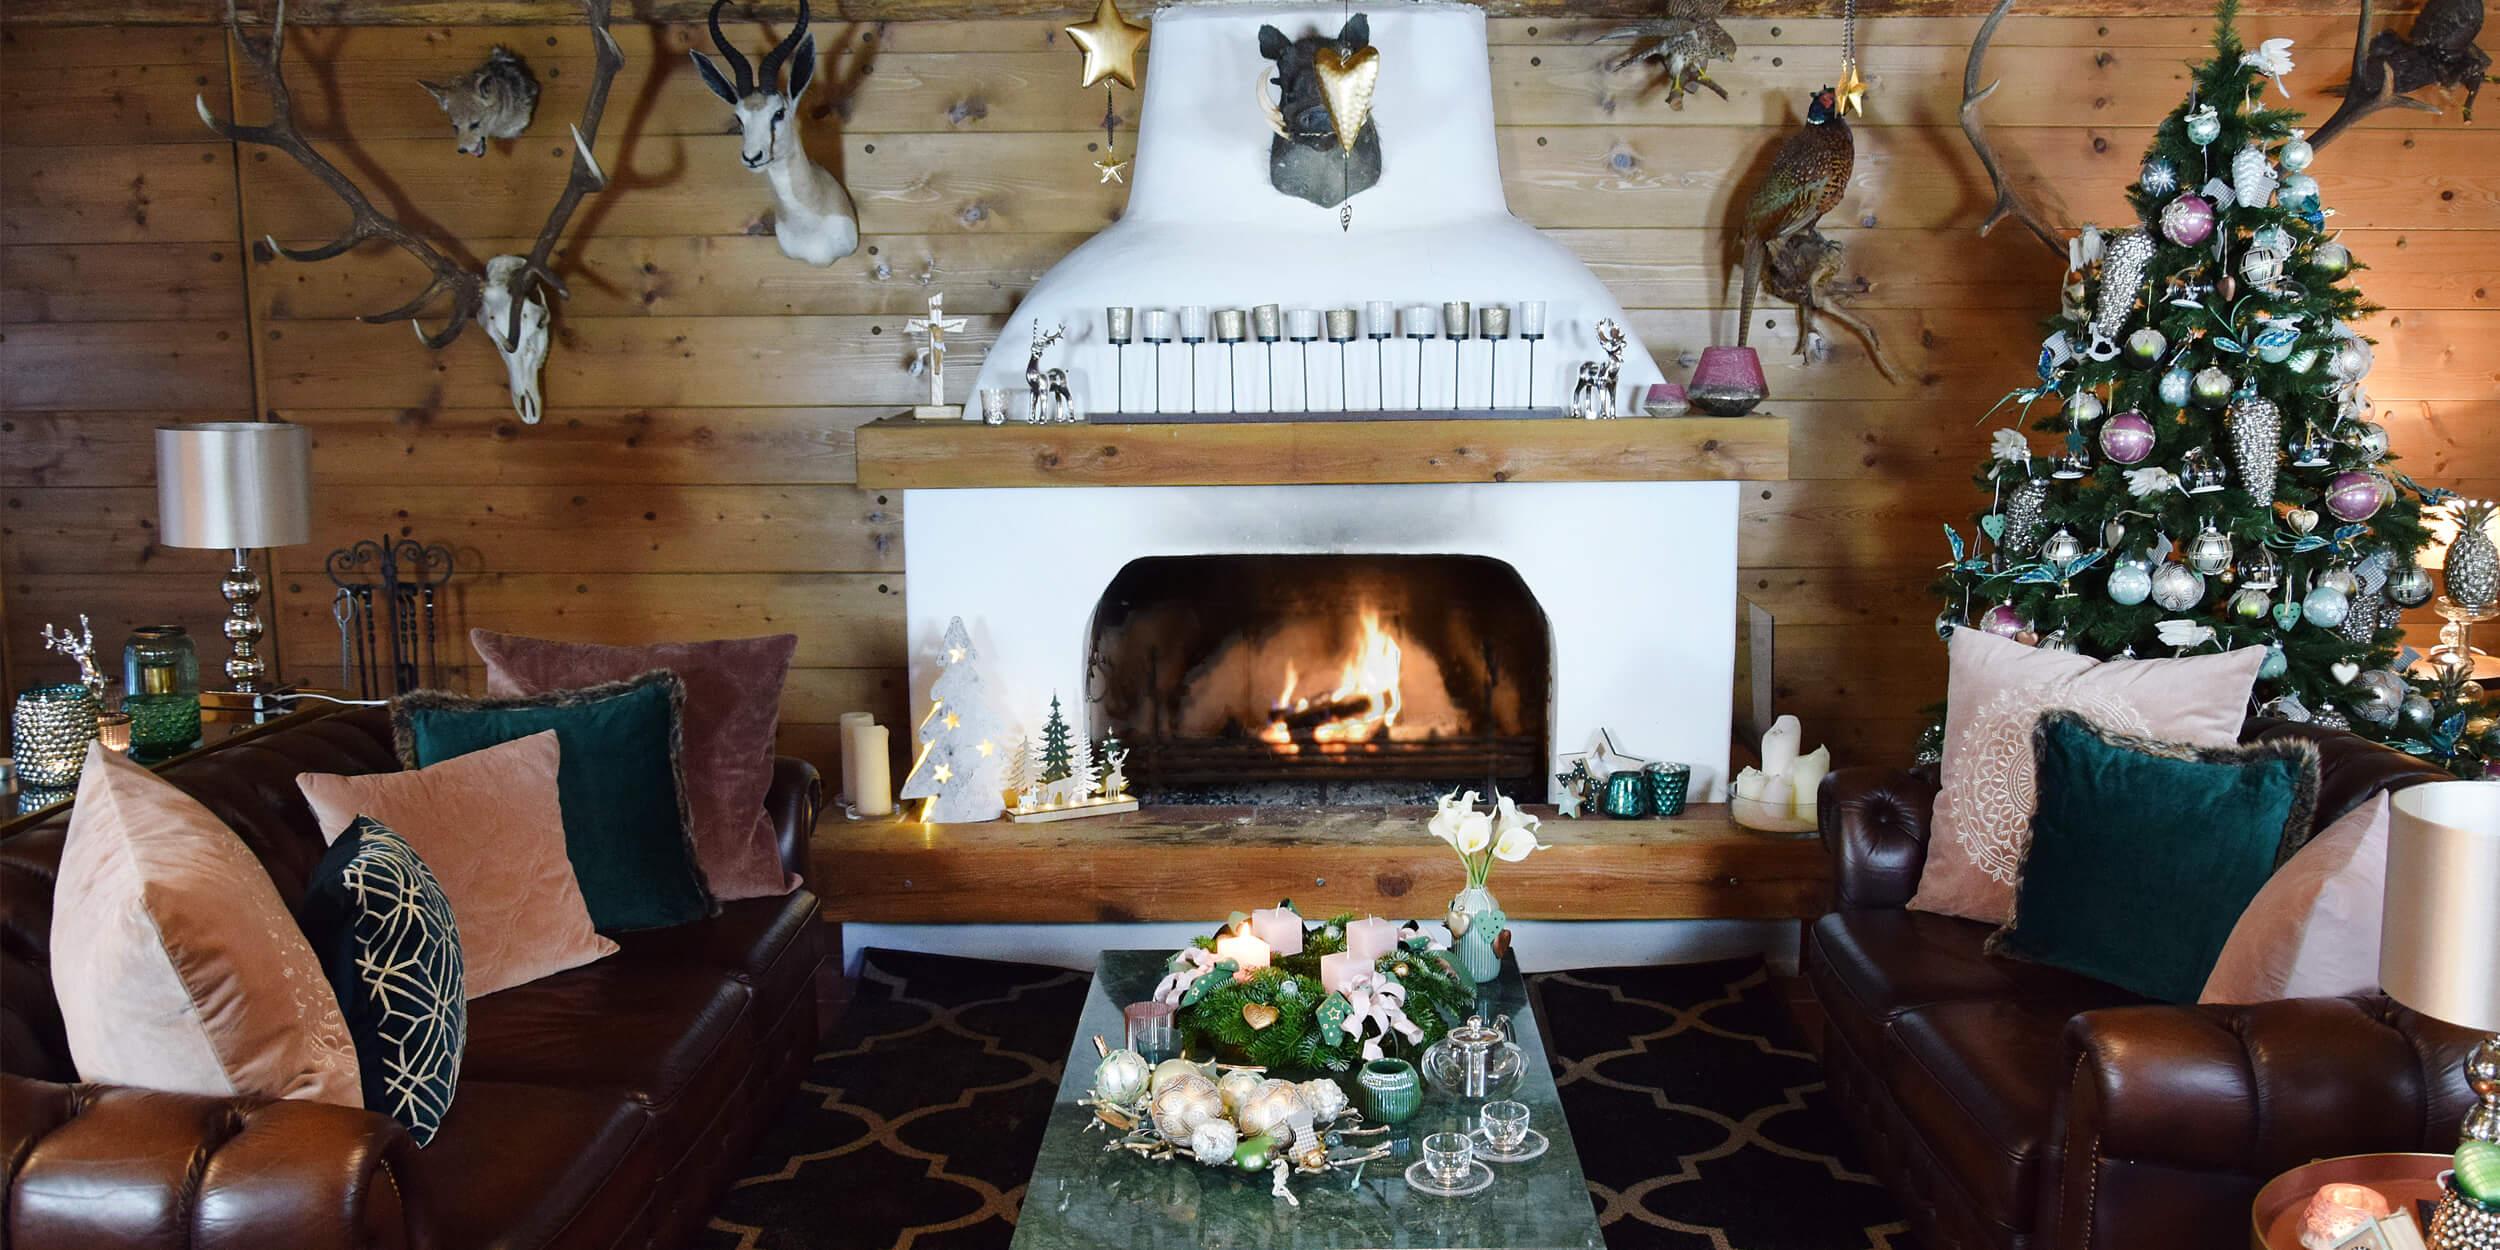 weihnachtlich geschmücktes Wohnzimmer mit Kaminfeuer